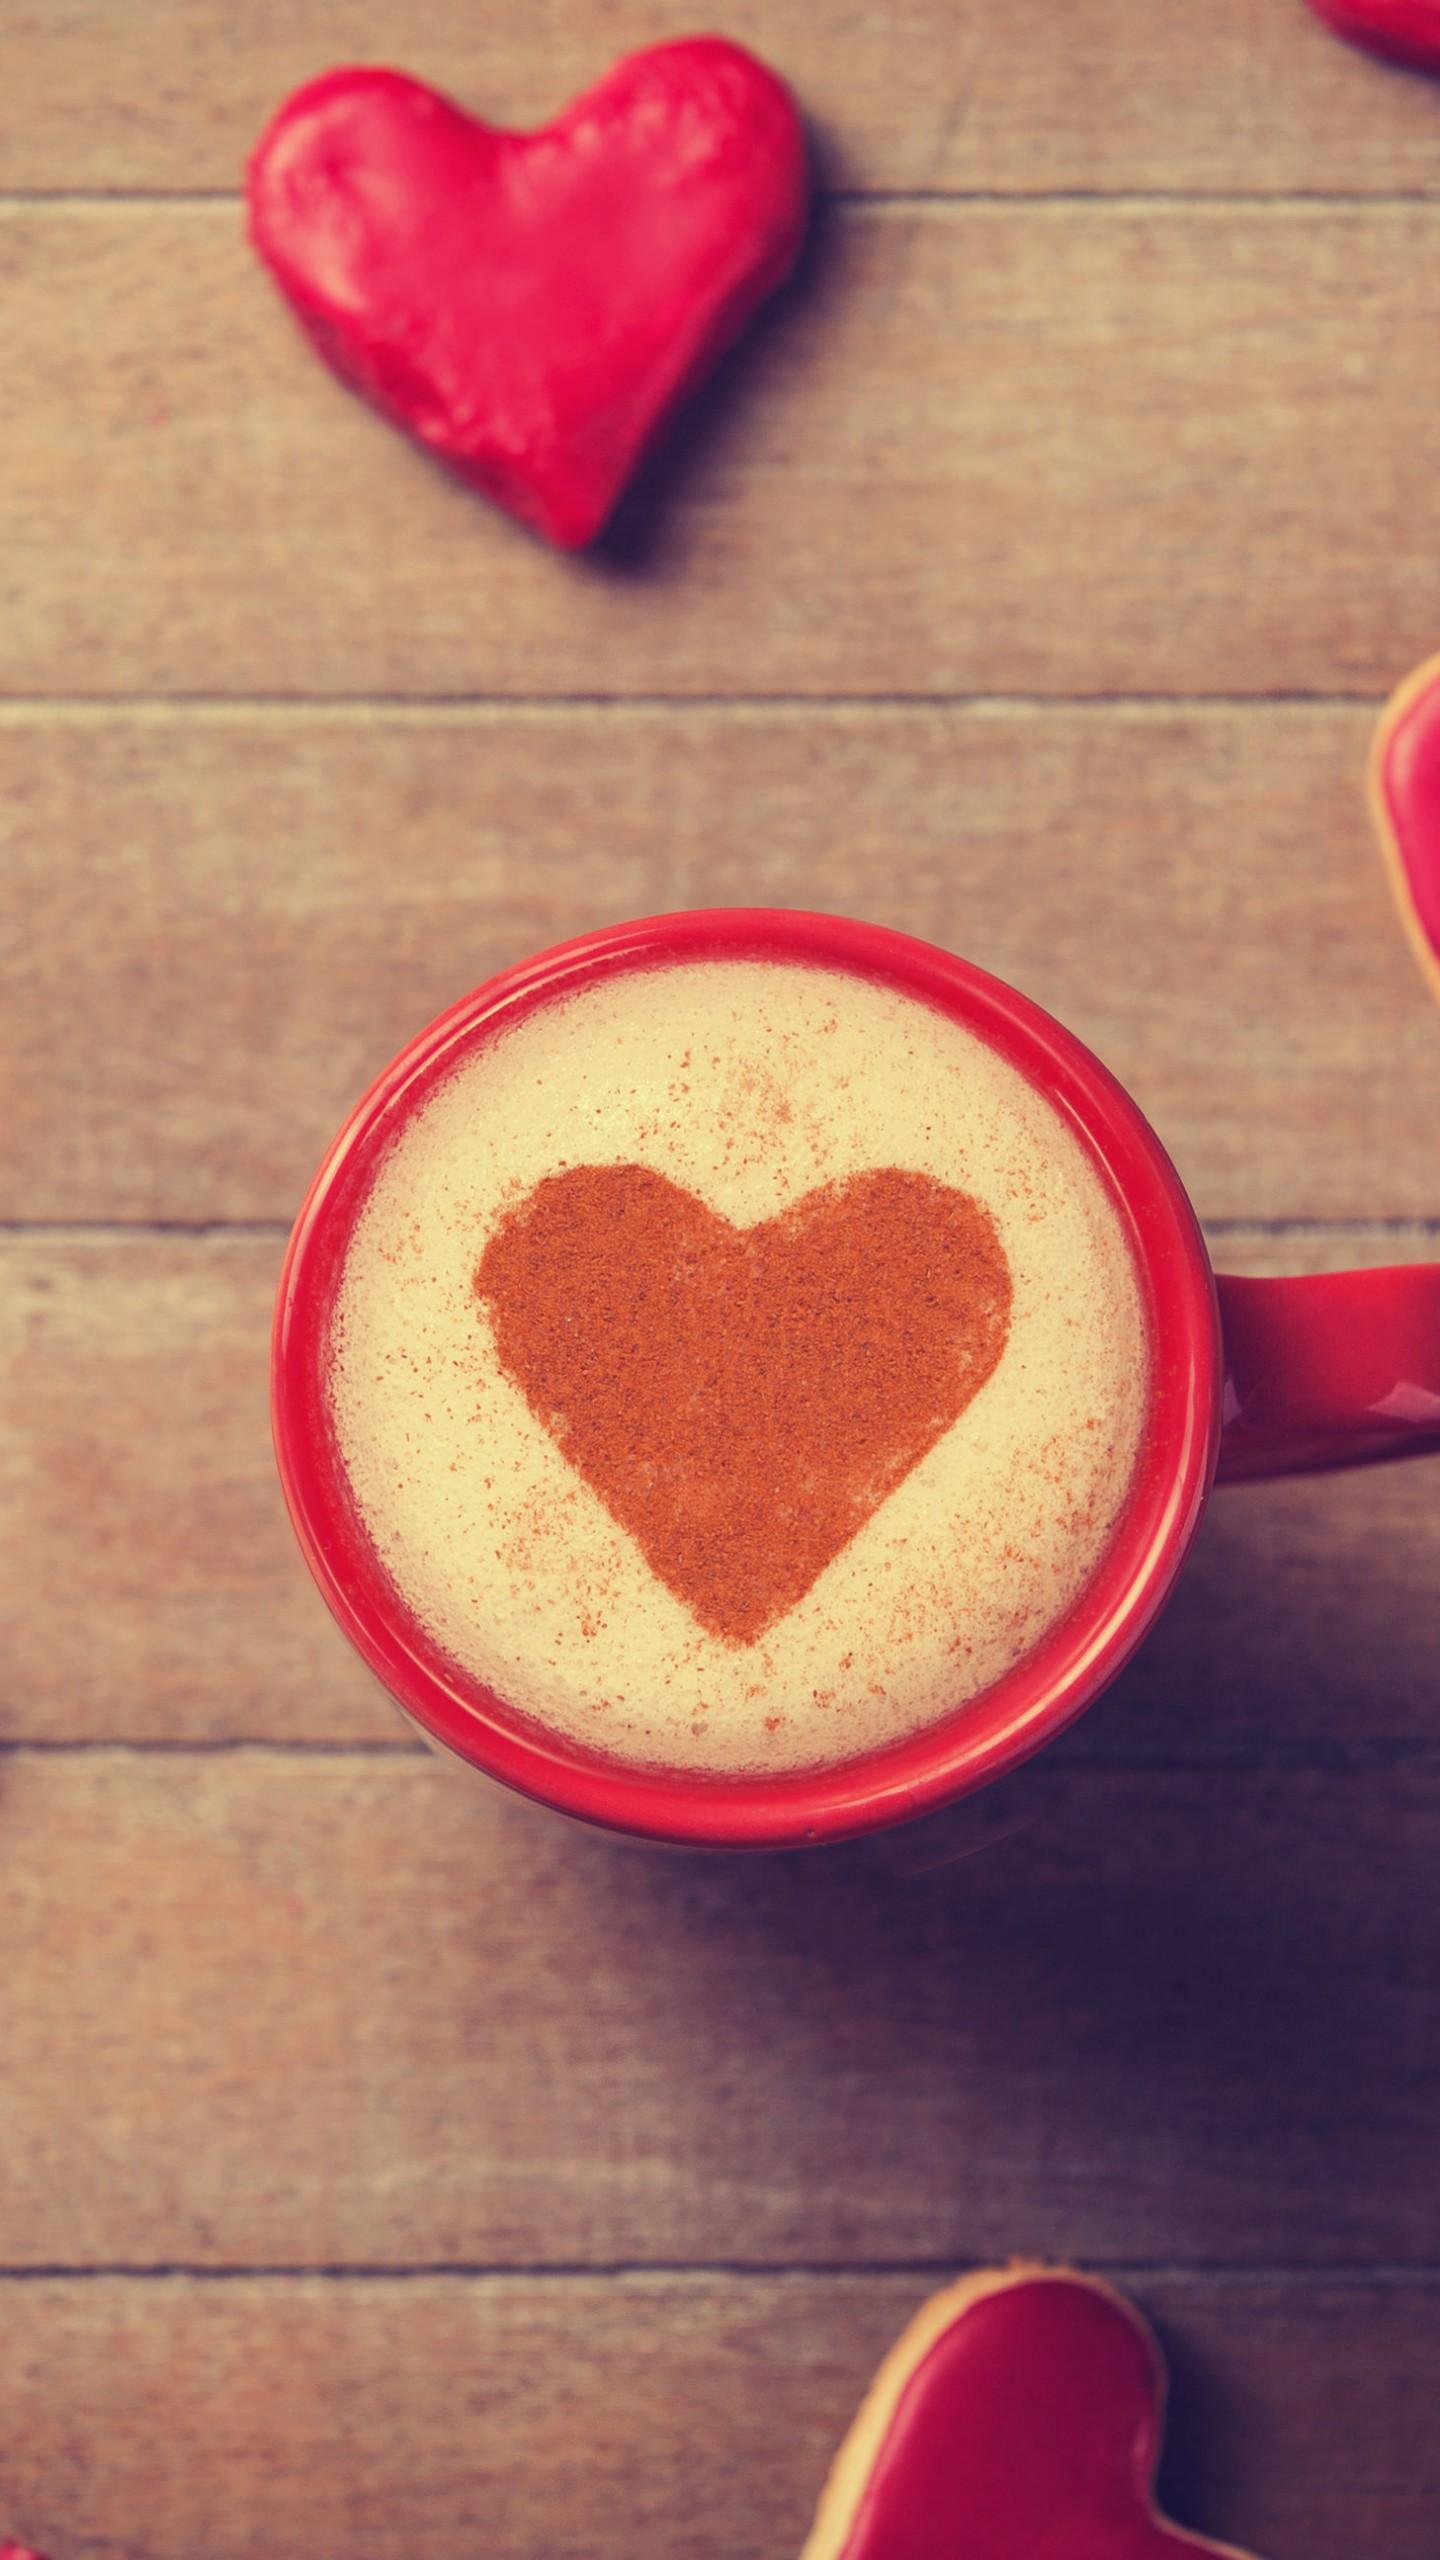 عکس زمینه فنجان قهوه قرمز رنگ با شکل قلب پس زمینه